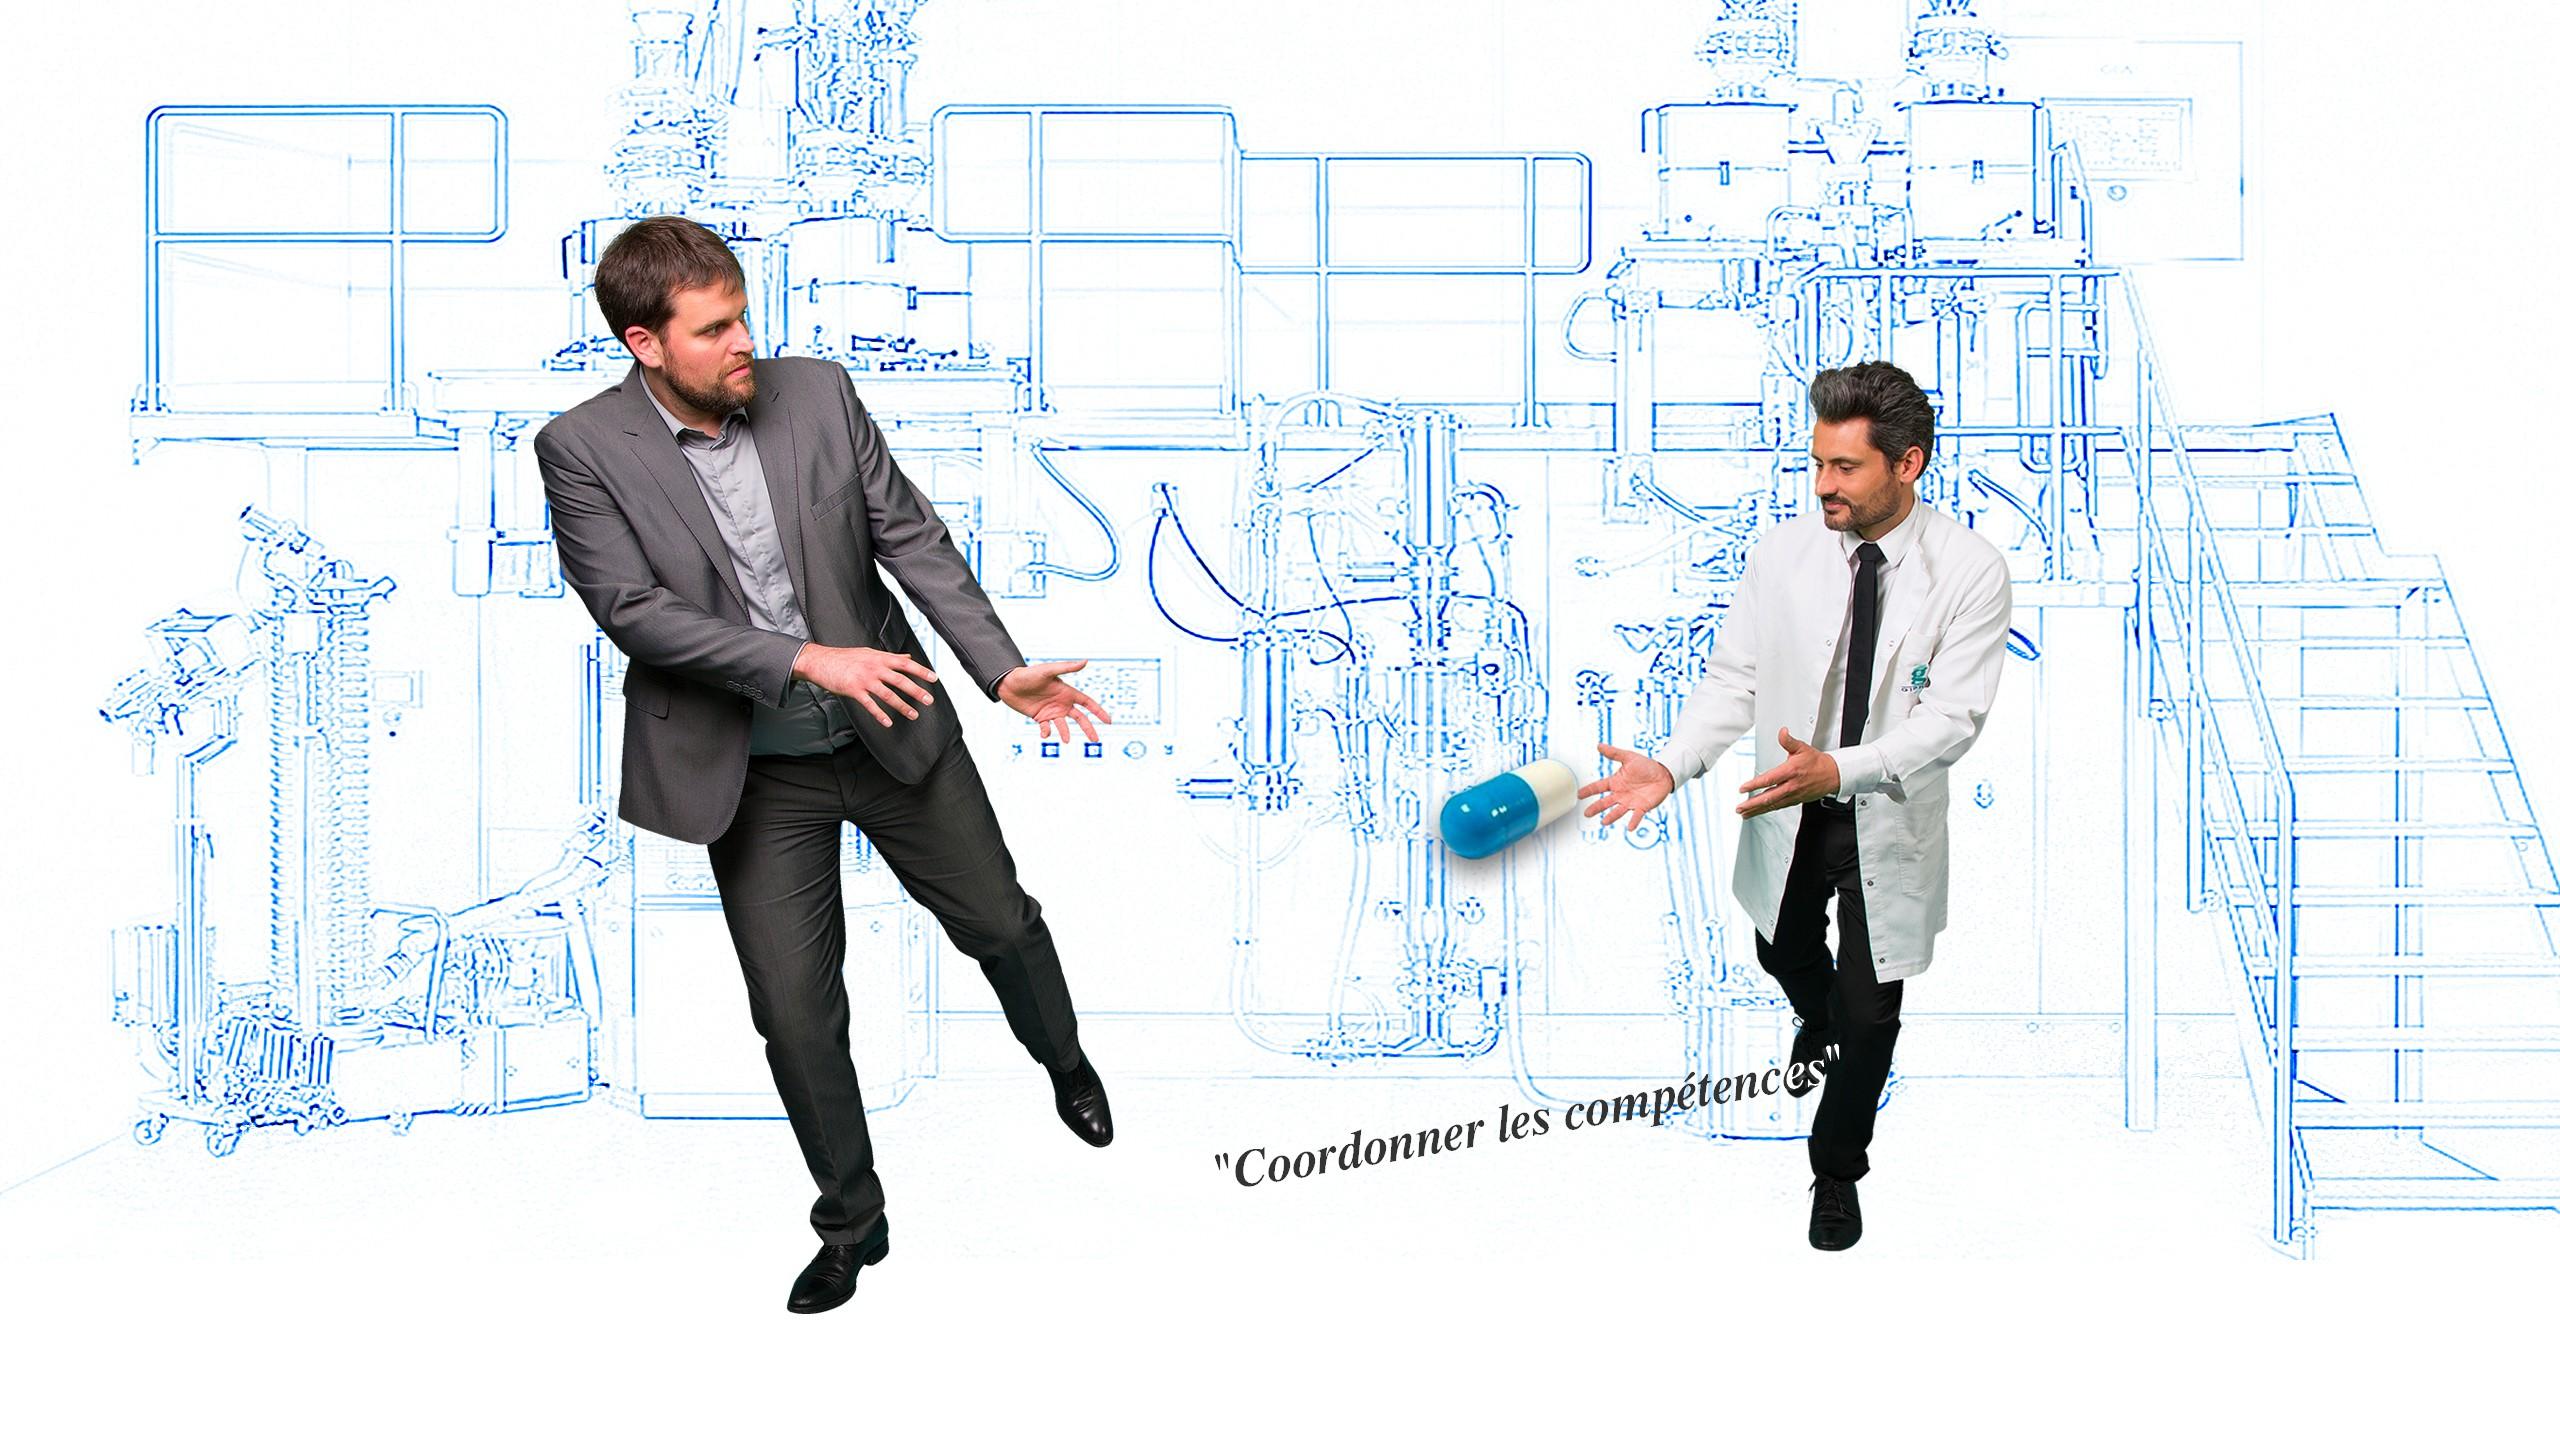 Ingénieurs de compétences diverses travaillent ensemble dans le domaine pharmaceutique